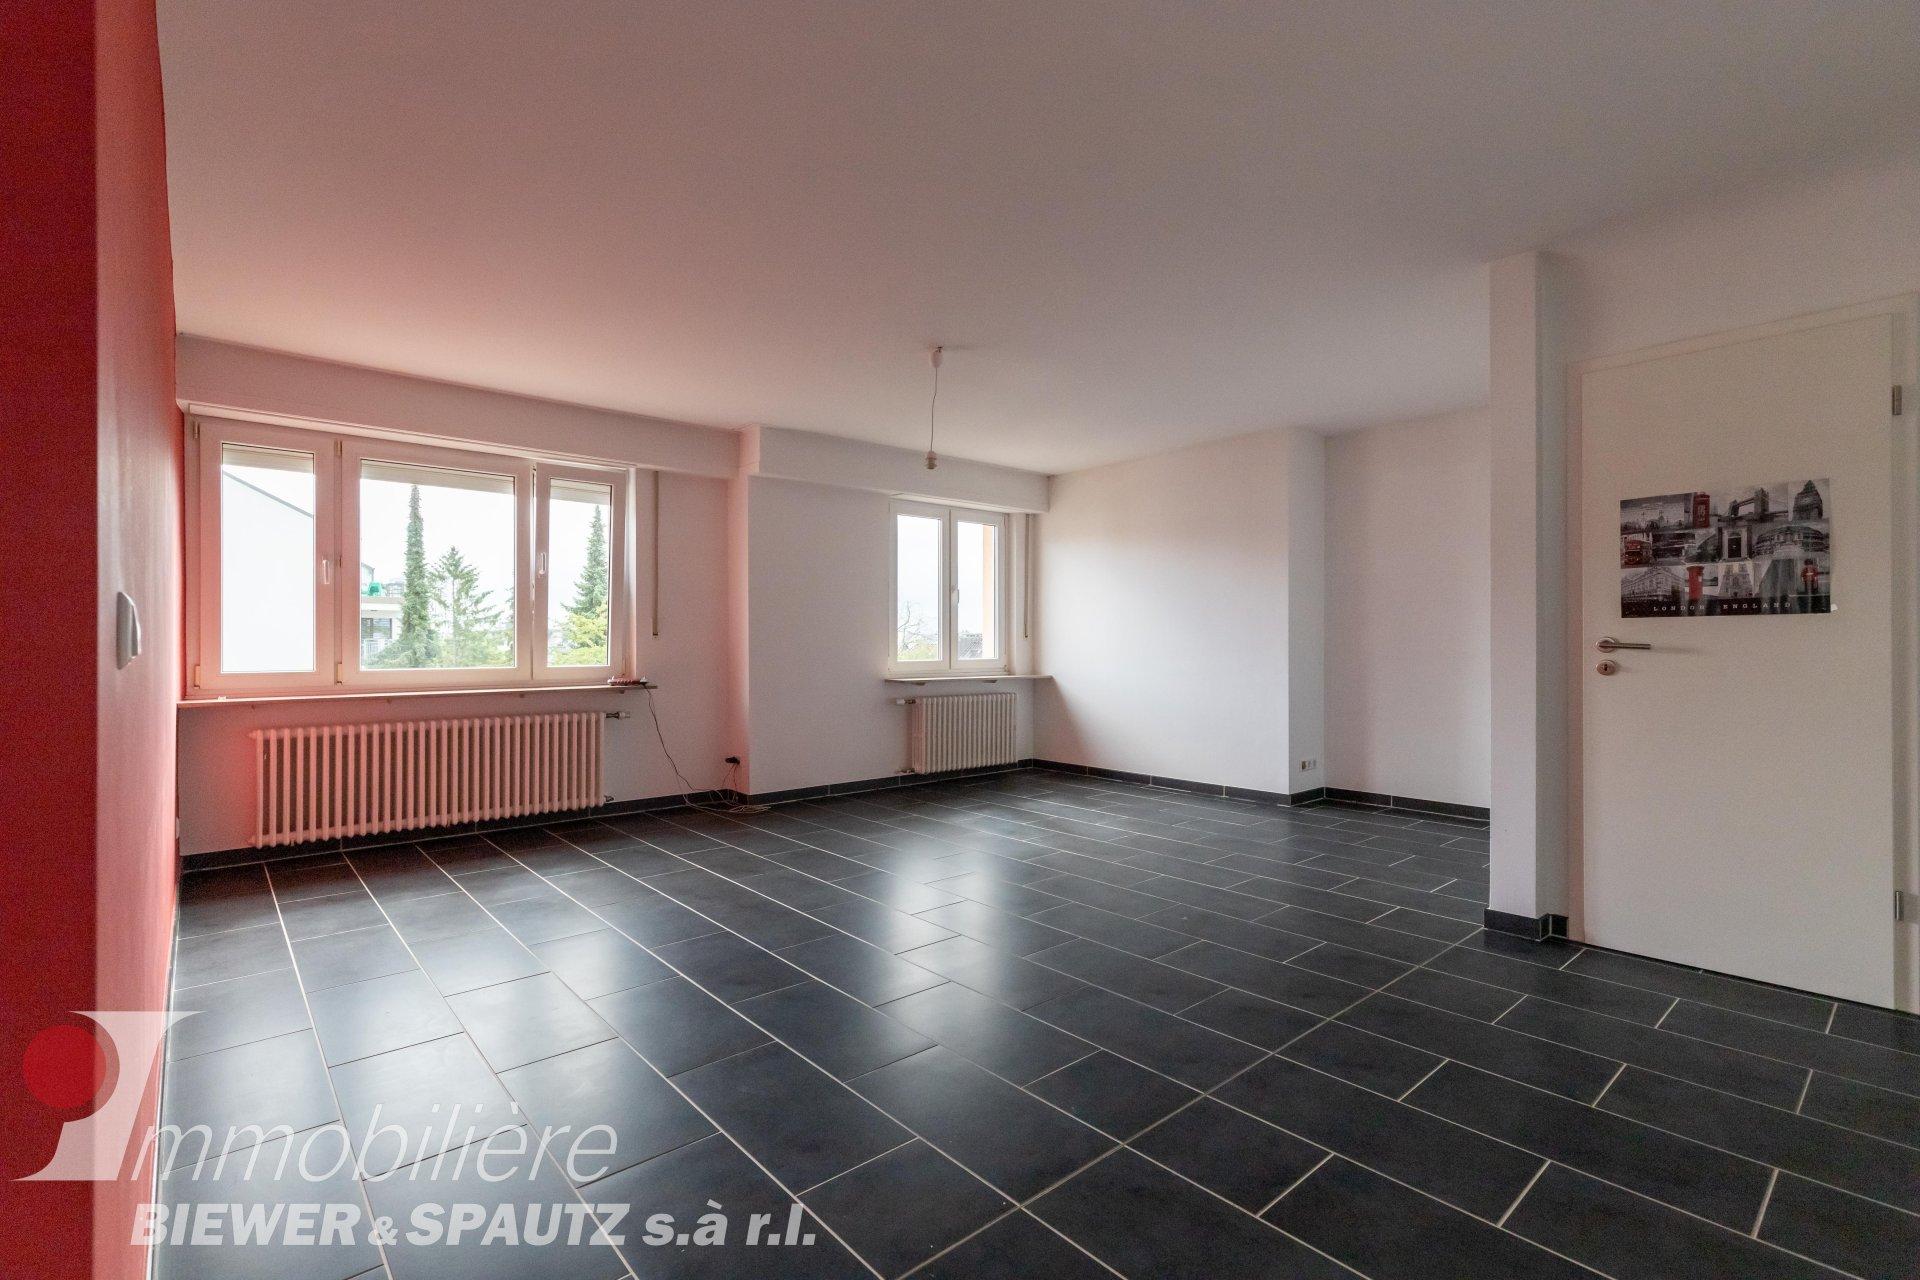 ZU VERMIETEN - Wohnung mit 1 Schlafzimmer in Lux-Belair